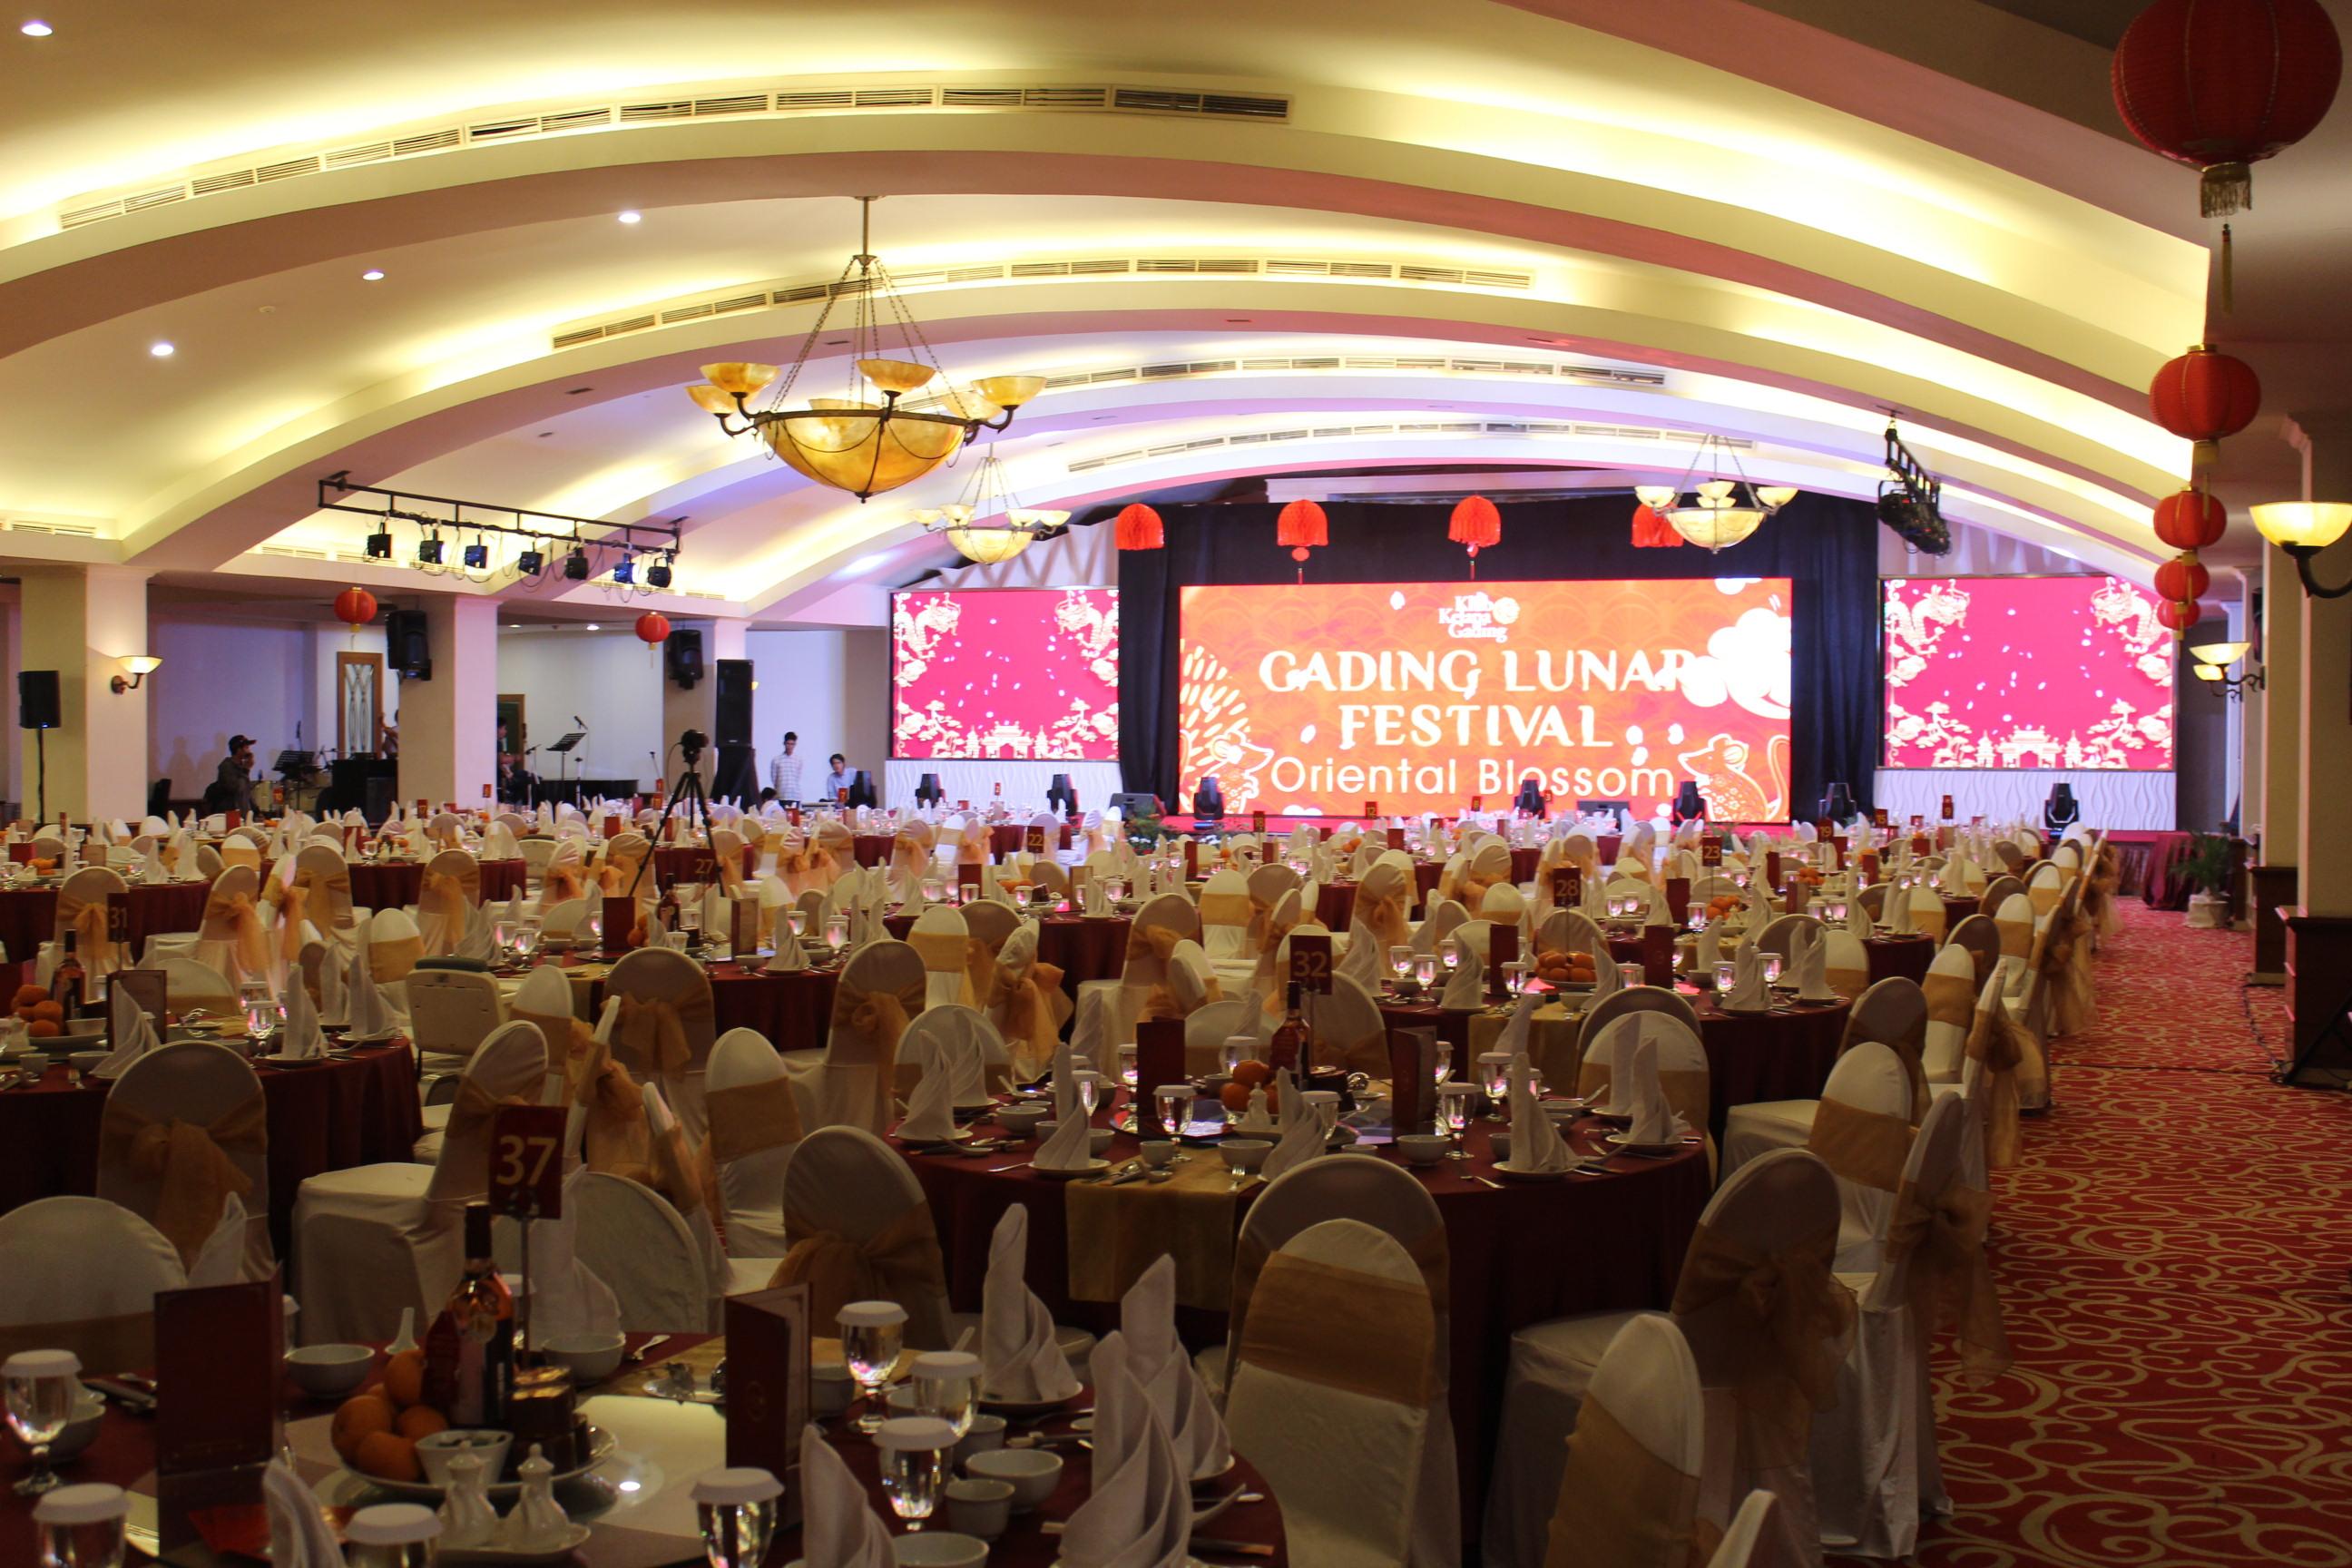 Gading Lunar Festival, Perayaan Imlek perdana Klub Kelapa Gading.